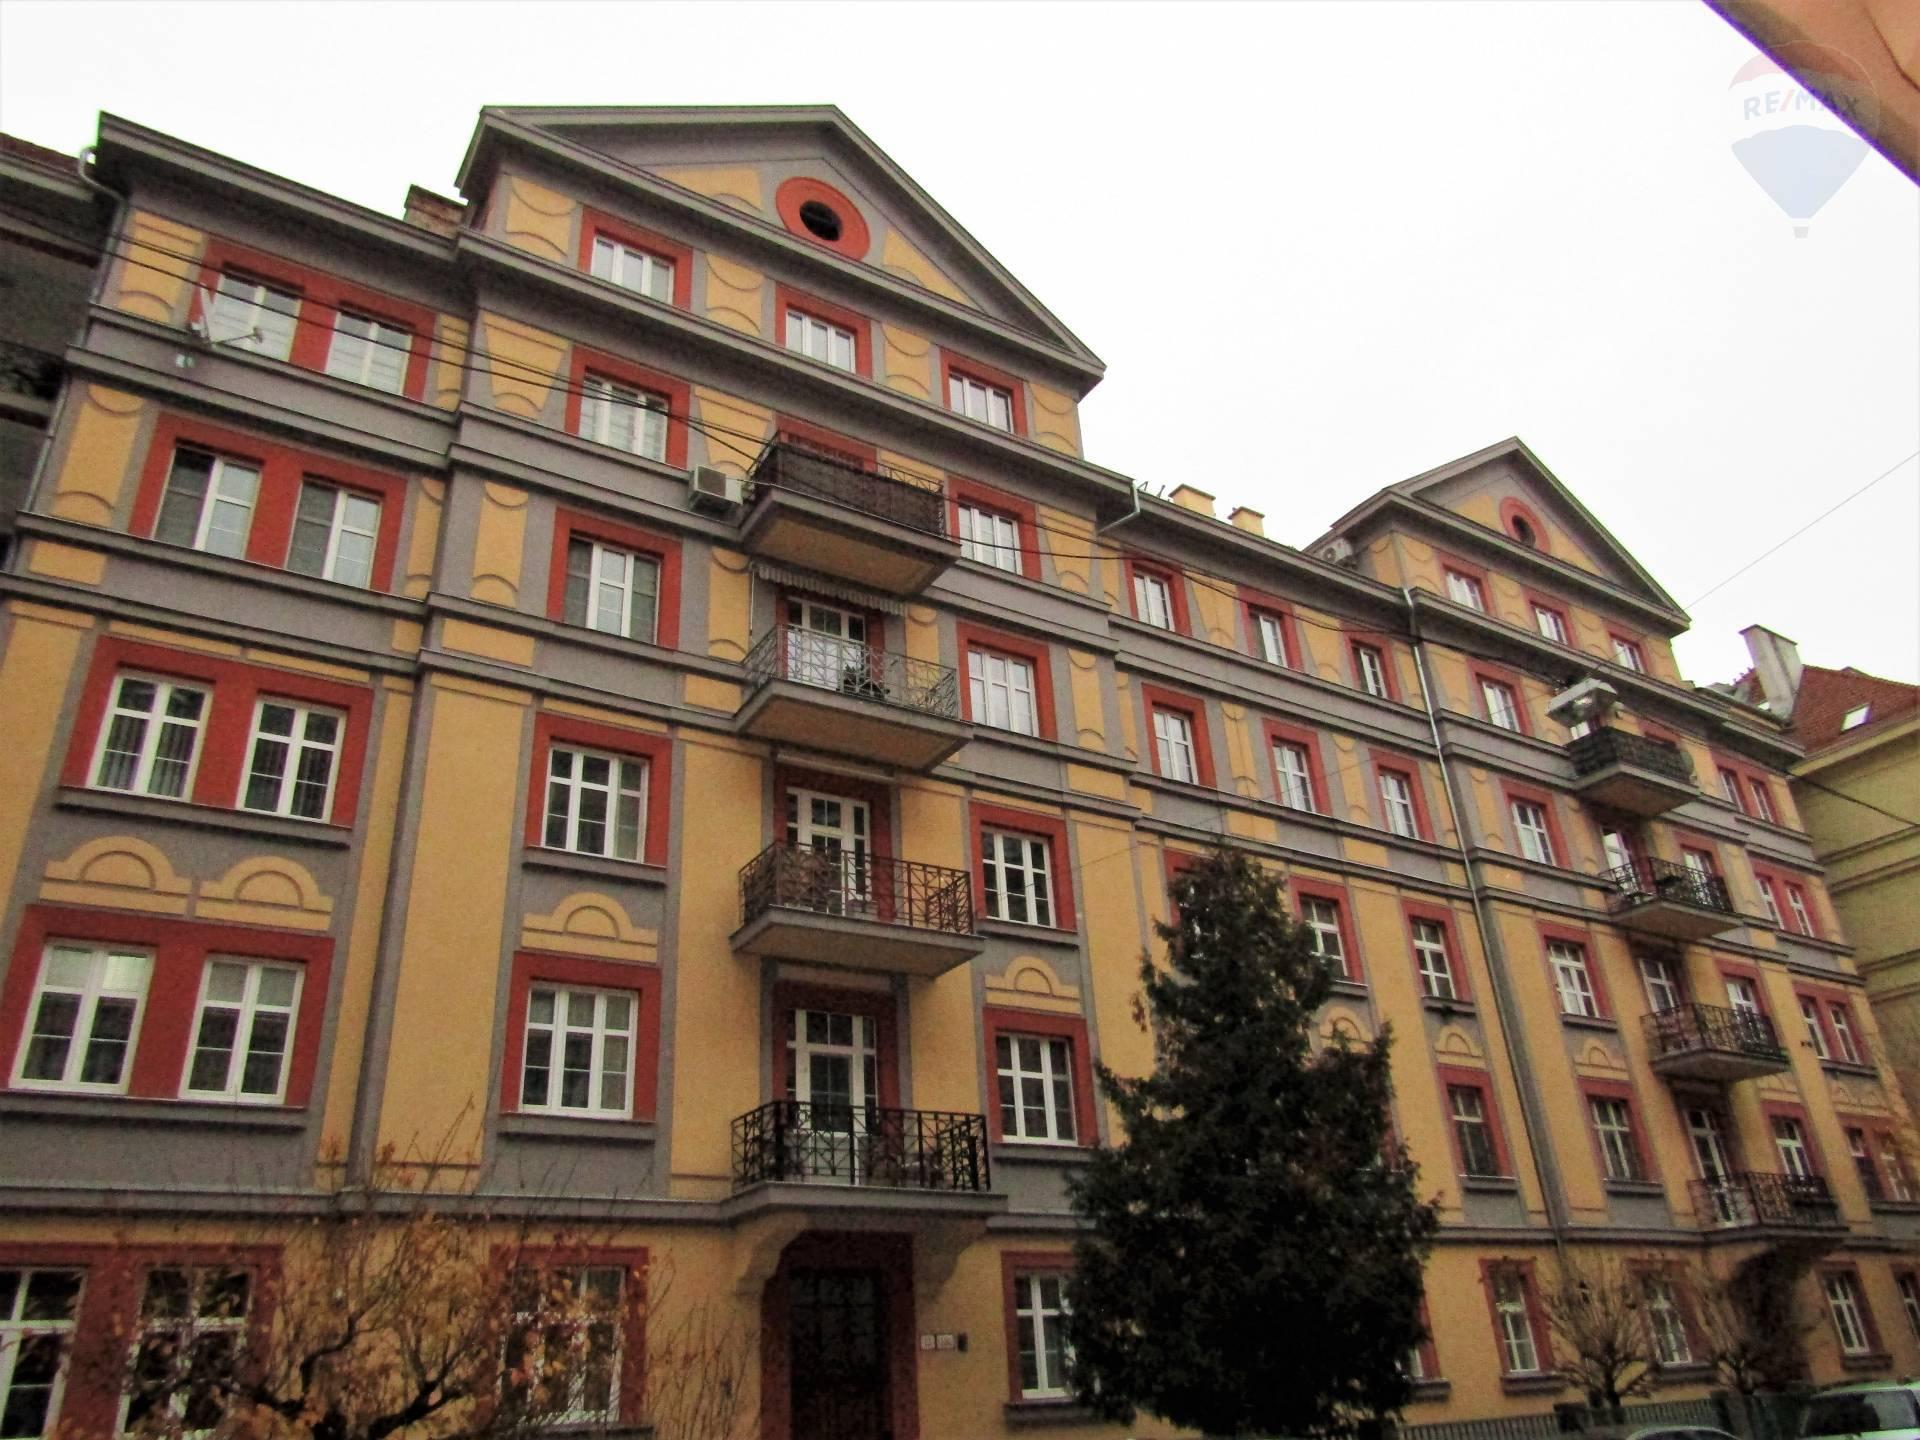 Predaj 3,5 izbový byt, kompletná rekonštrukcia, loggia, balkón, pivnica, atraktívna lokalita BA I